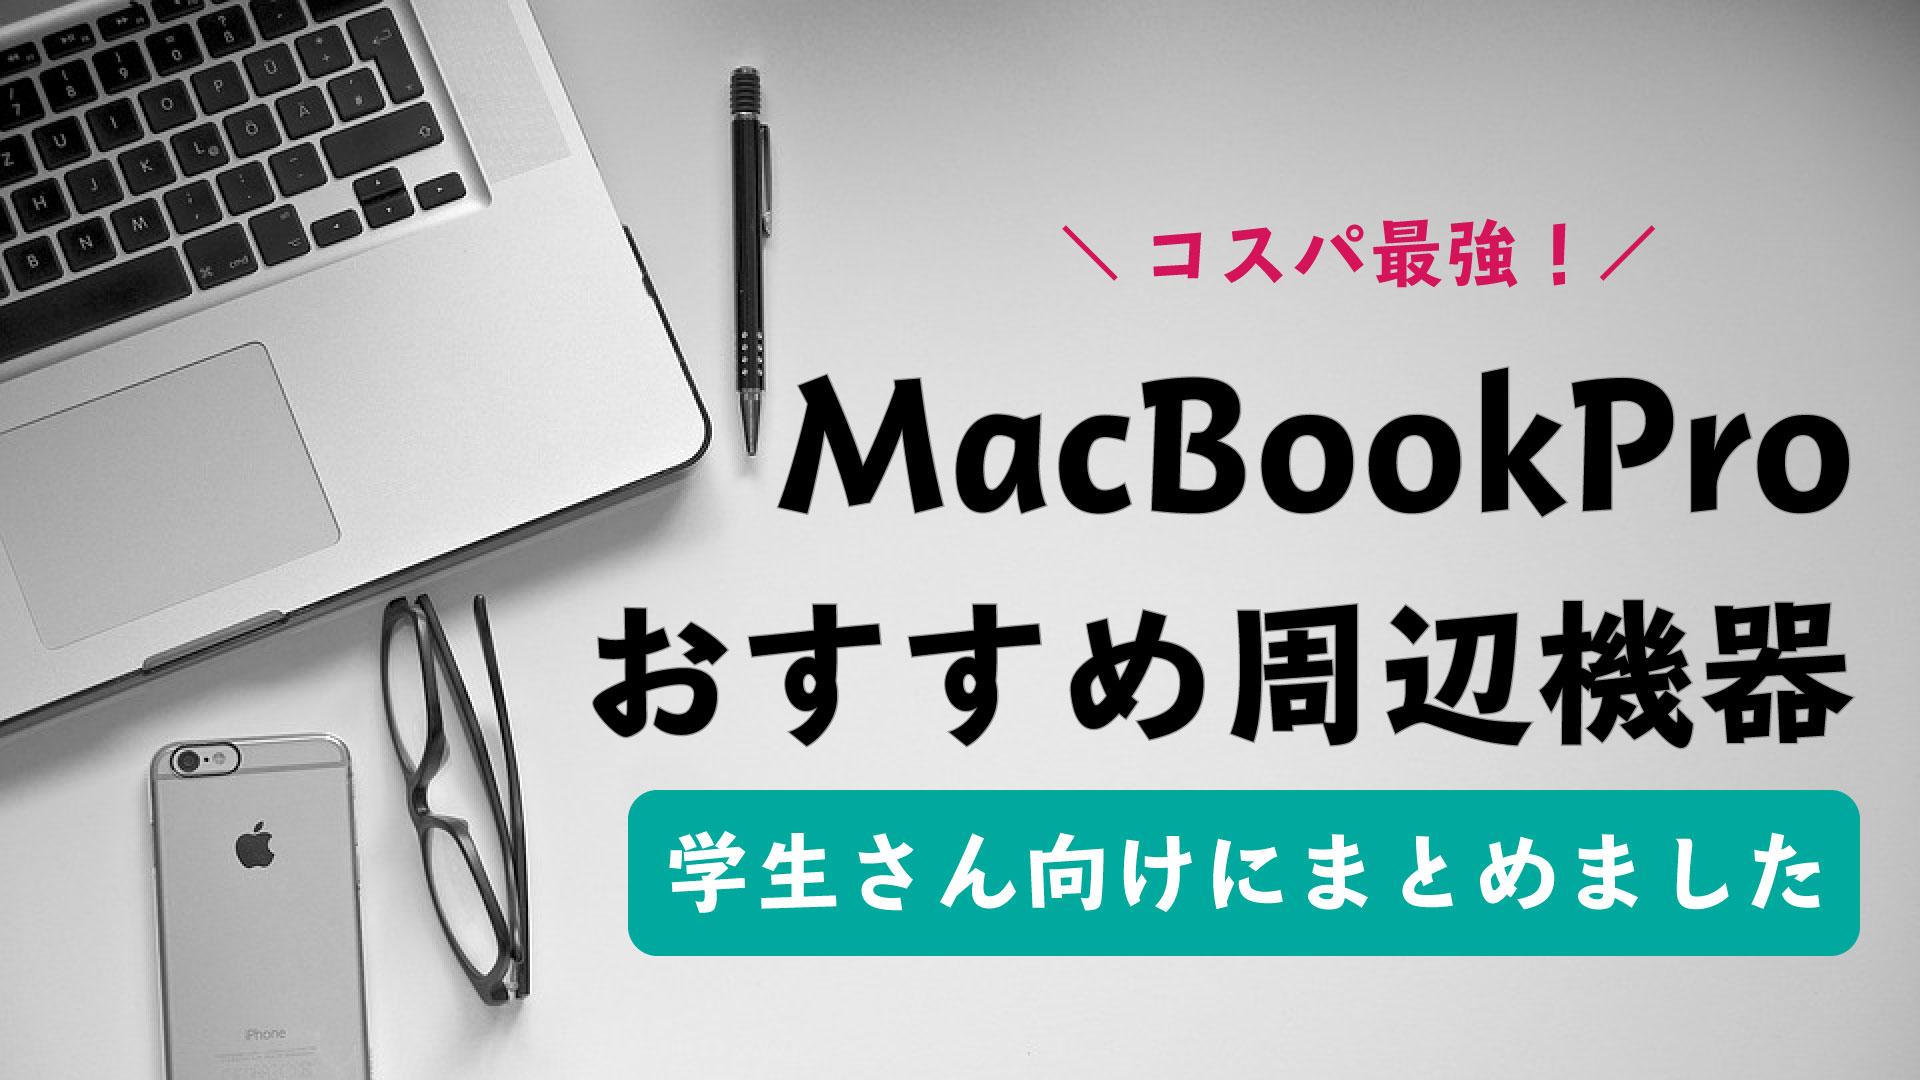 【最新】MacBookProのコスパが良いモデルと一緒に買うべきアクセサリーを7つ紹介!!